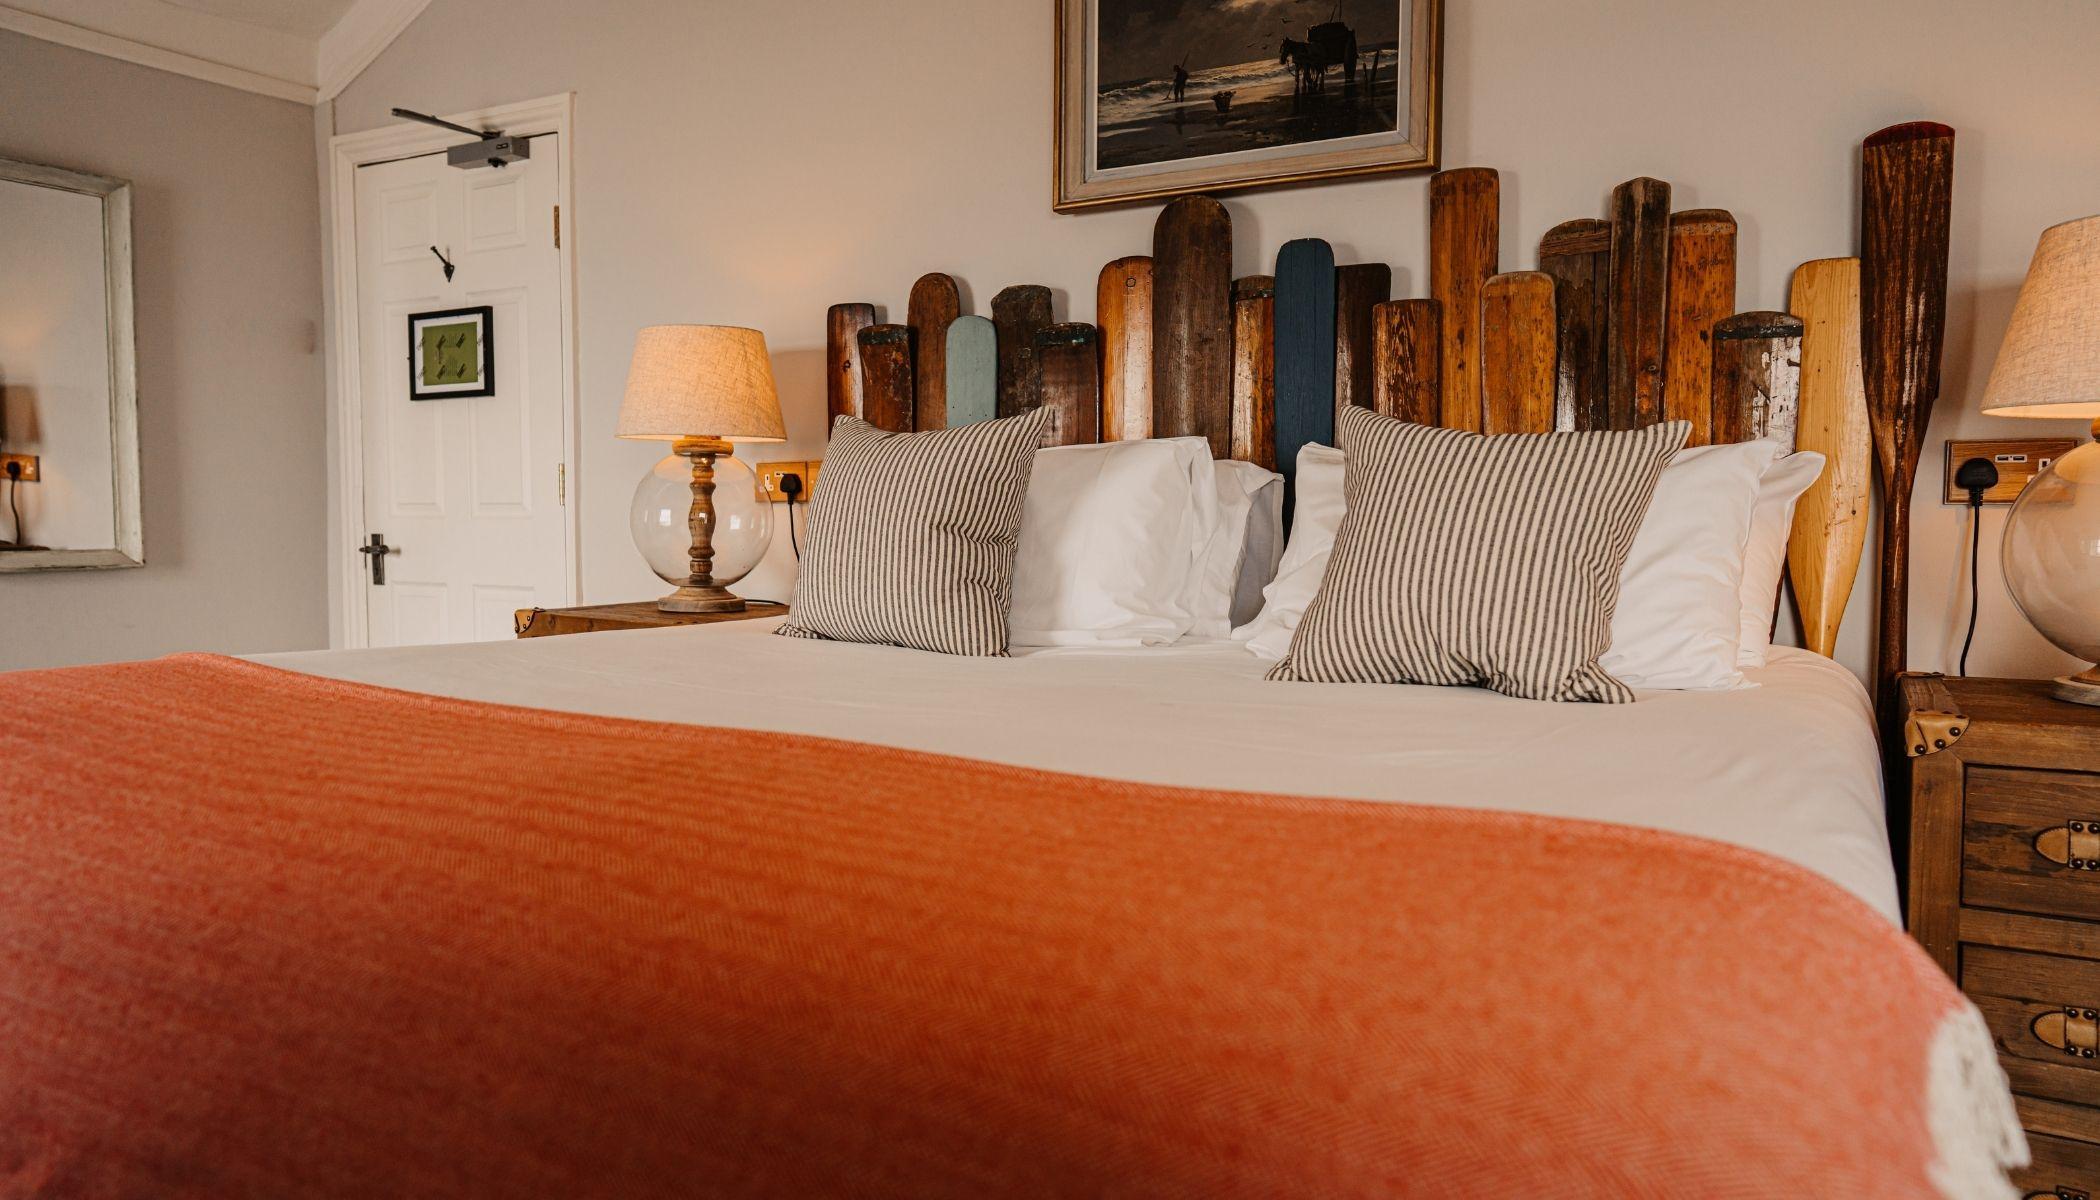 Room With Oar Headboard